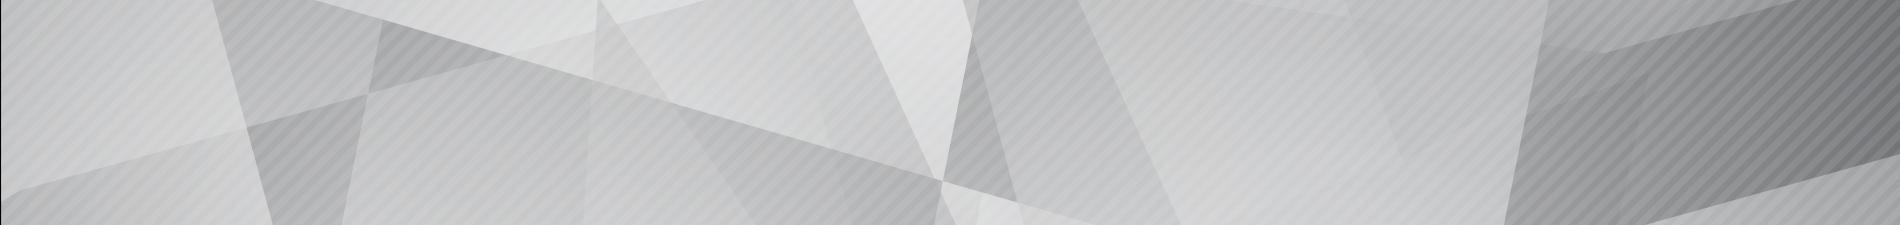 2º DESAFIO SÍDNEY DO CARMO 25KM 2017 - Imagem de topo